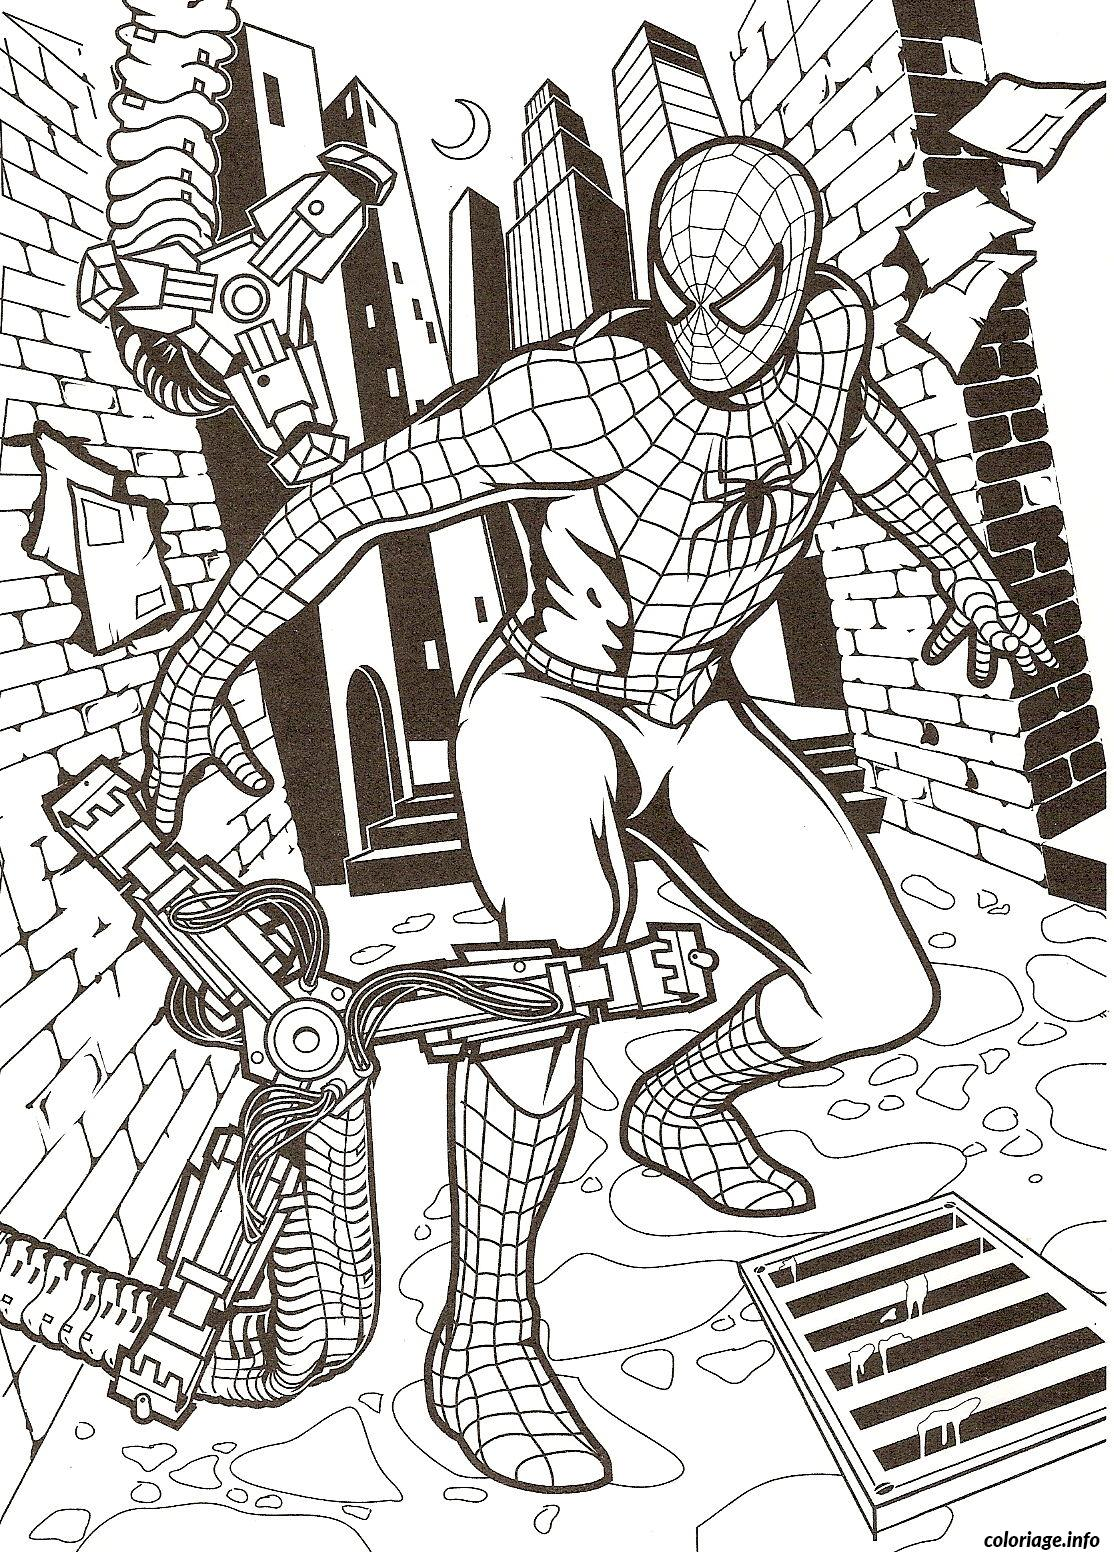 Coloriage spiderman se fait attaque dessin - Dessin spider man ...